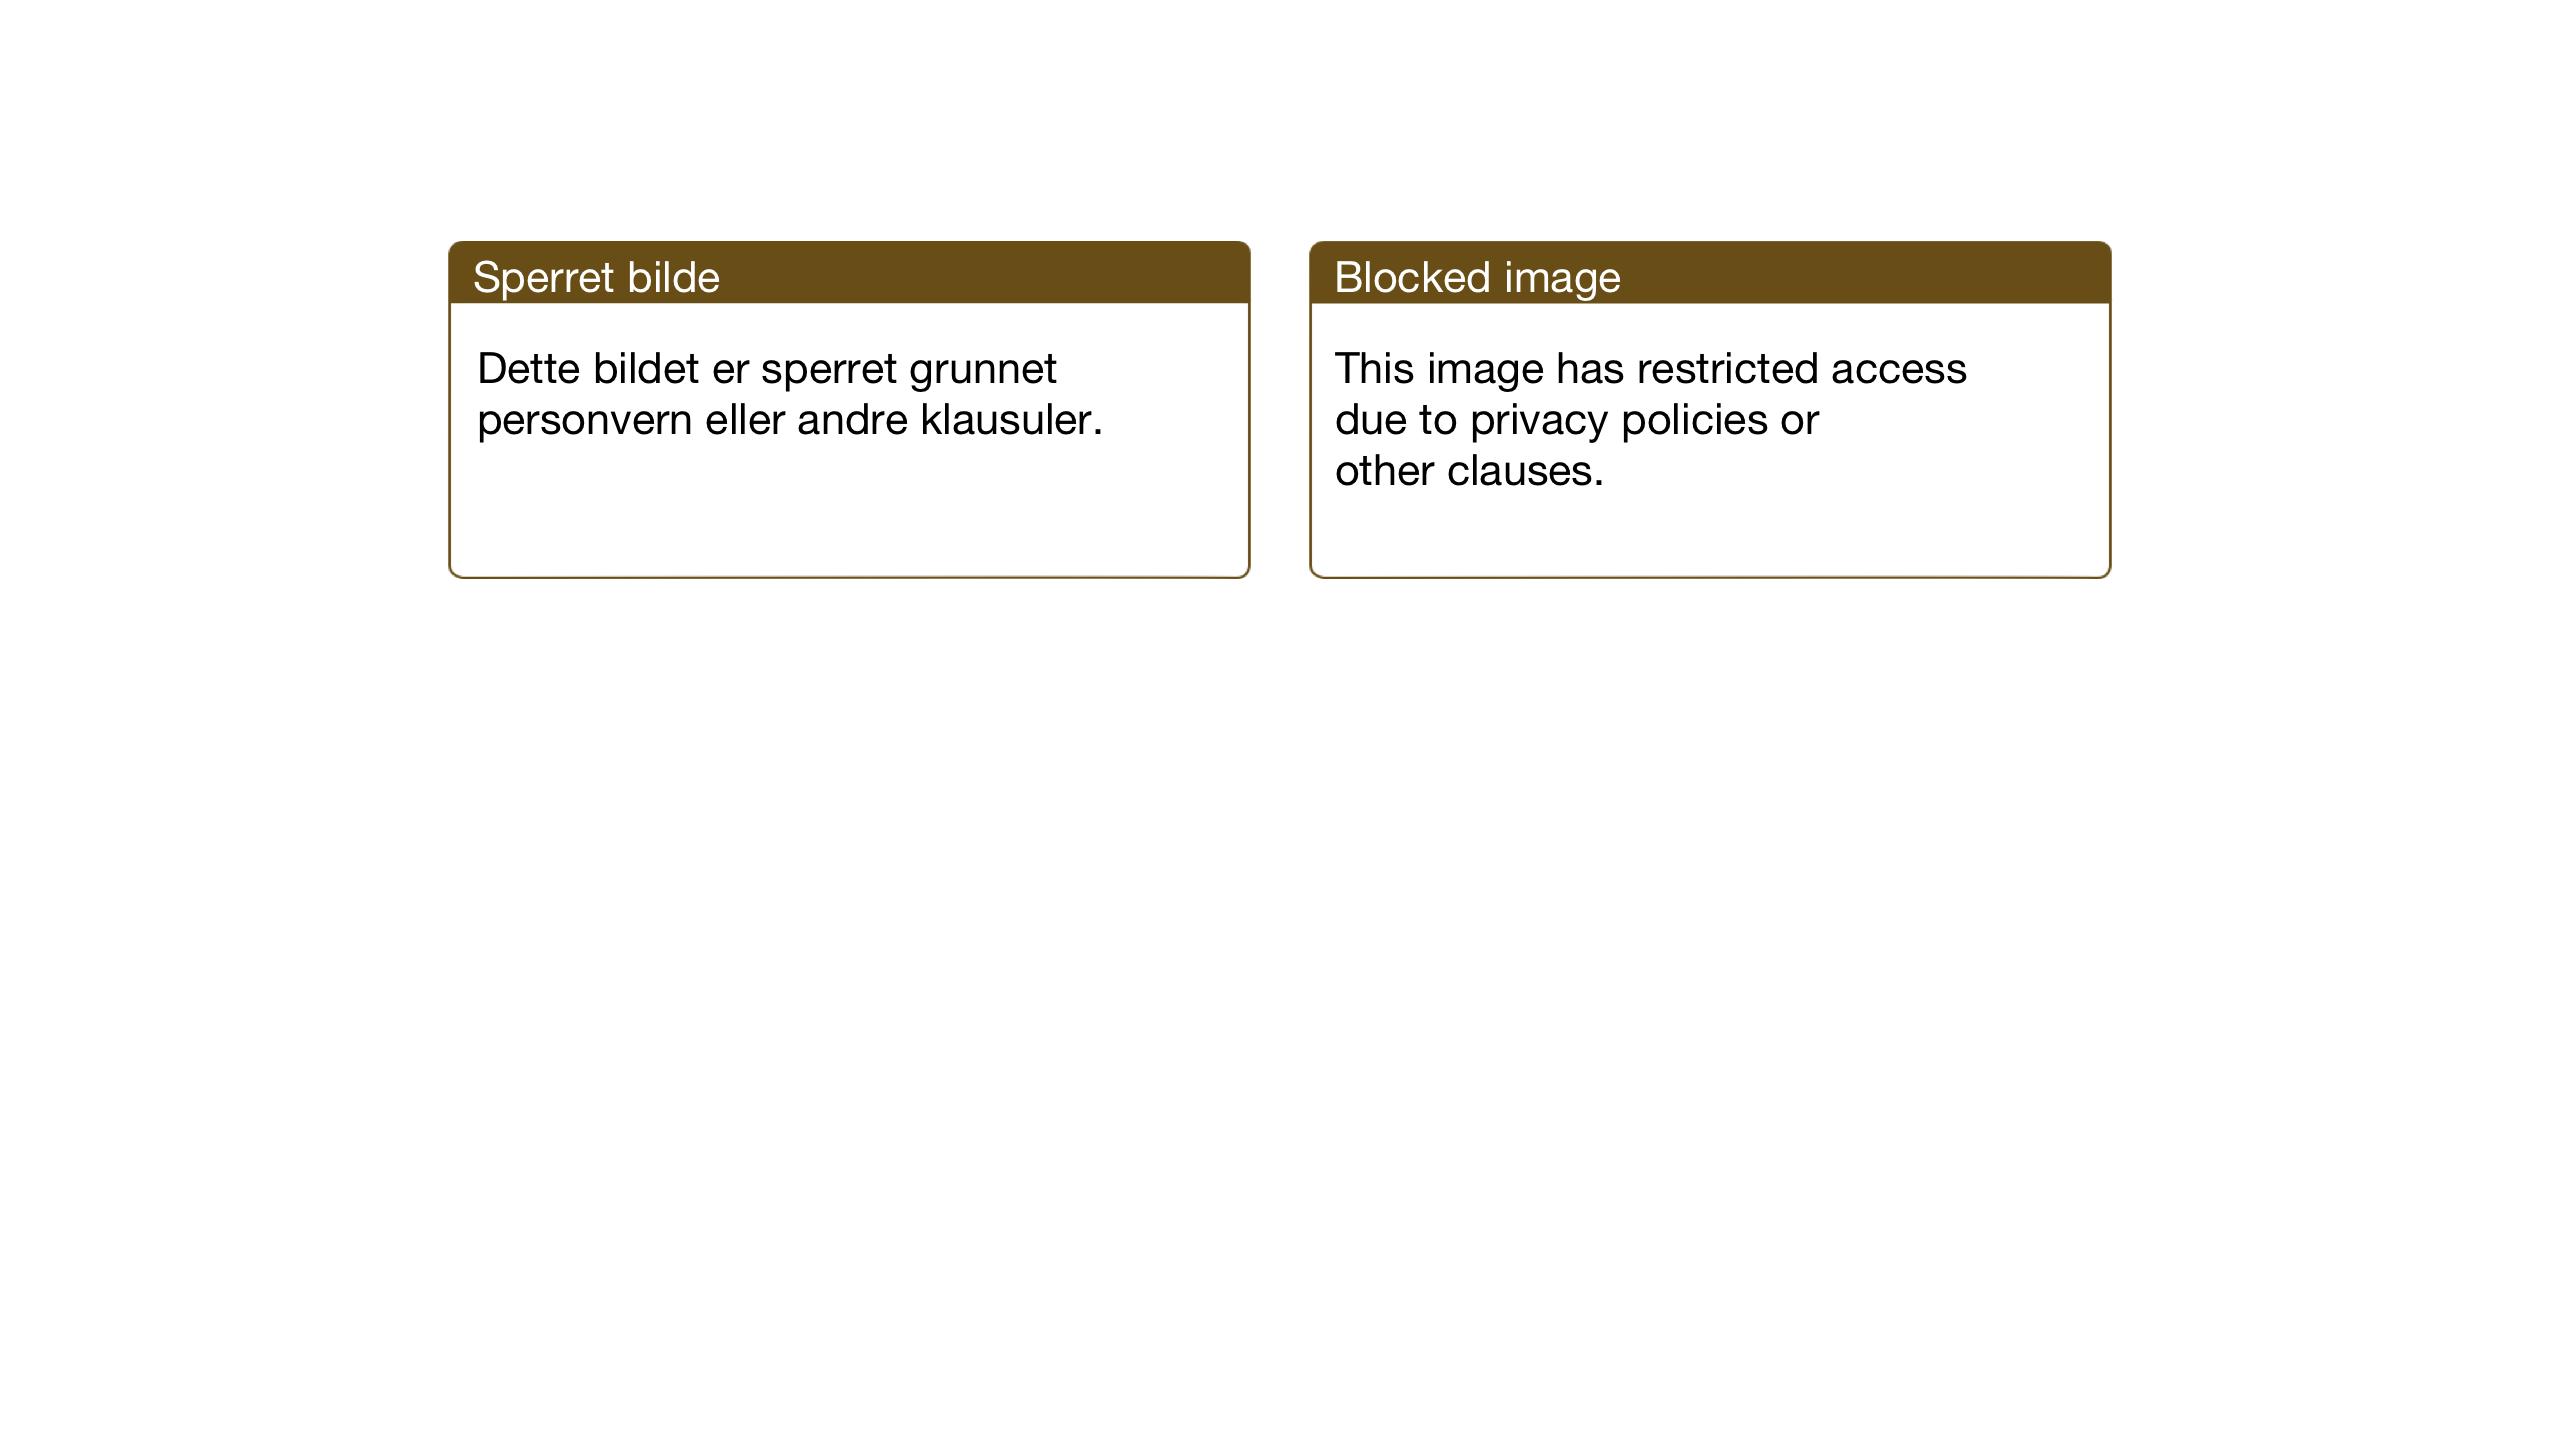 SAT, Ministerialprotokoller, klokkerbøker og fødselsregistre - Nord-Trøndelag, 755/L0500: Klokkerbok nr. 755C01, 1920-1962, s. 176